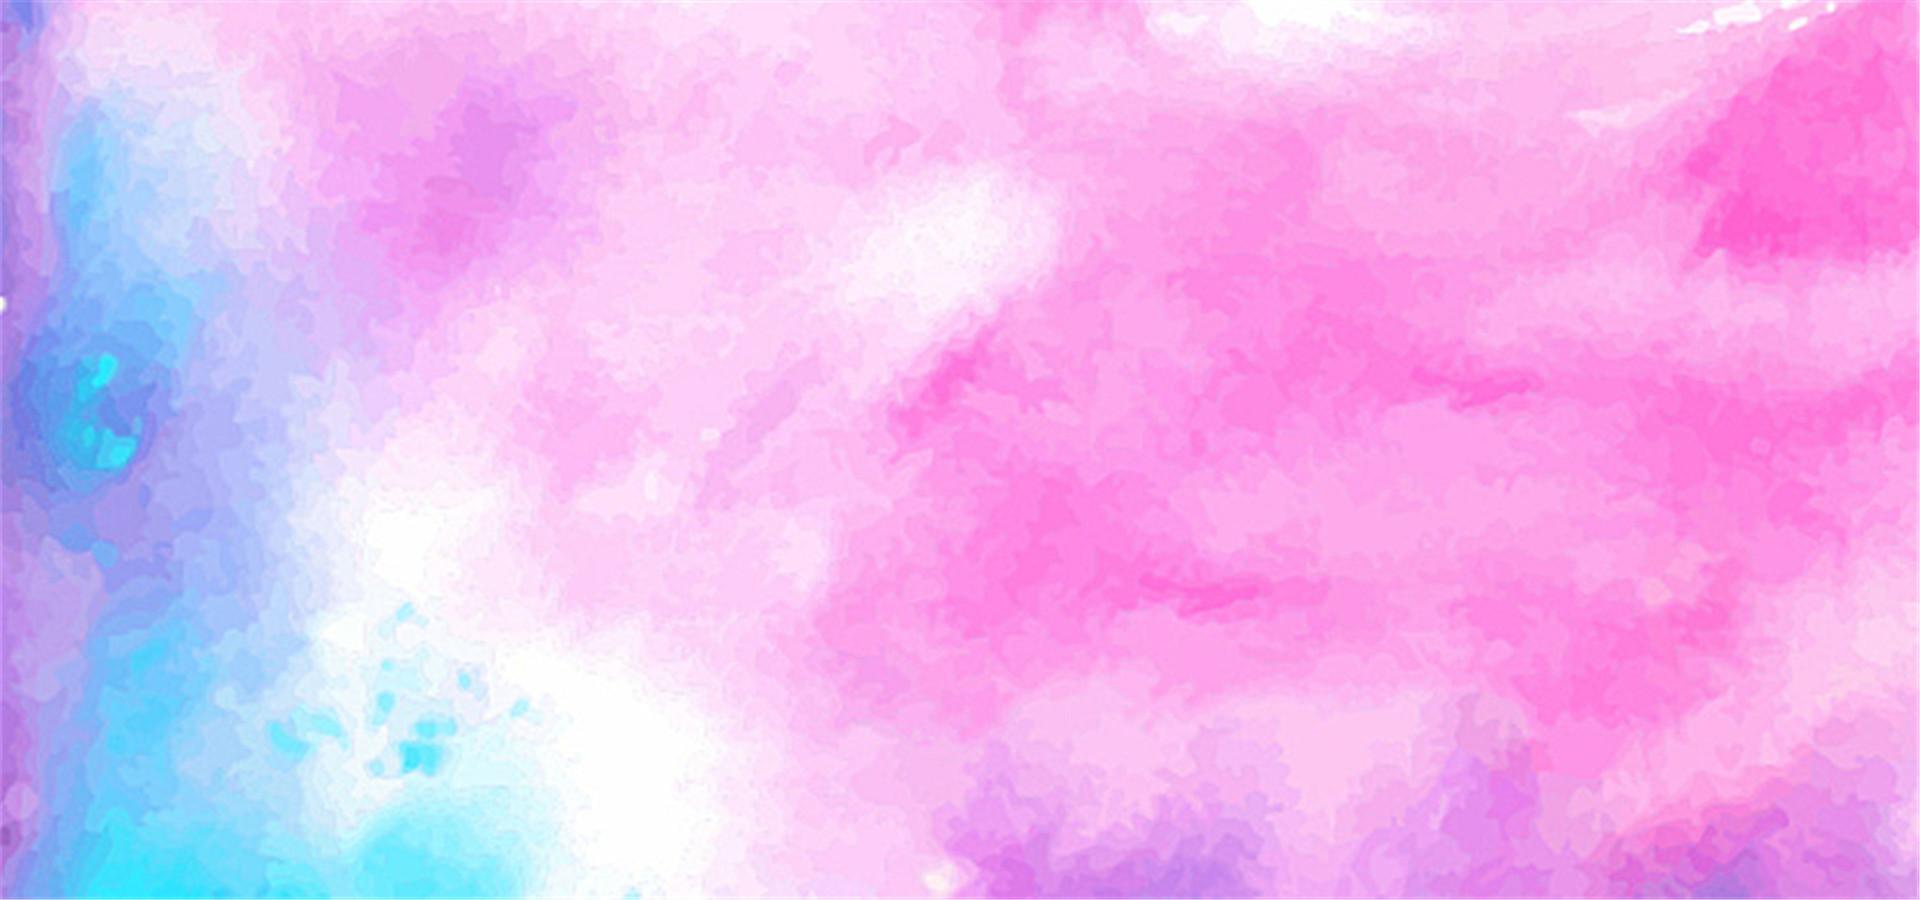 fondos de pantalla acuarela textura acrilico antecedentes